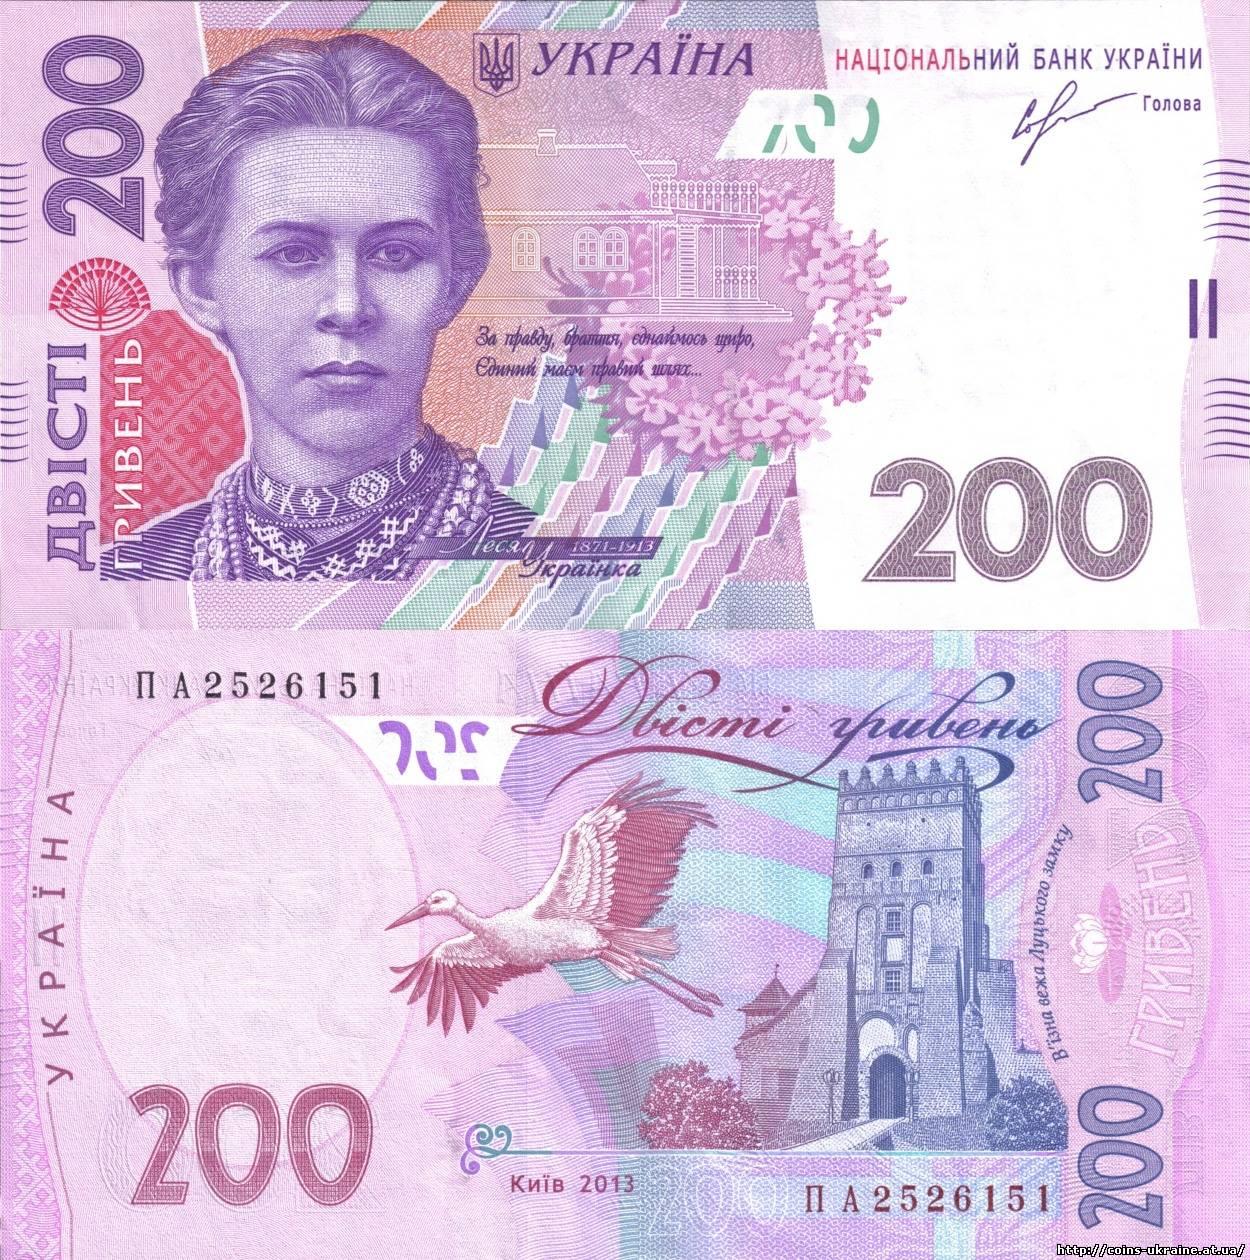 Банкноты Украины - Фотоальбомы - Монеты и банкноты Украины